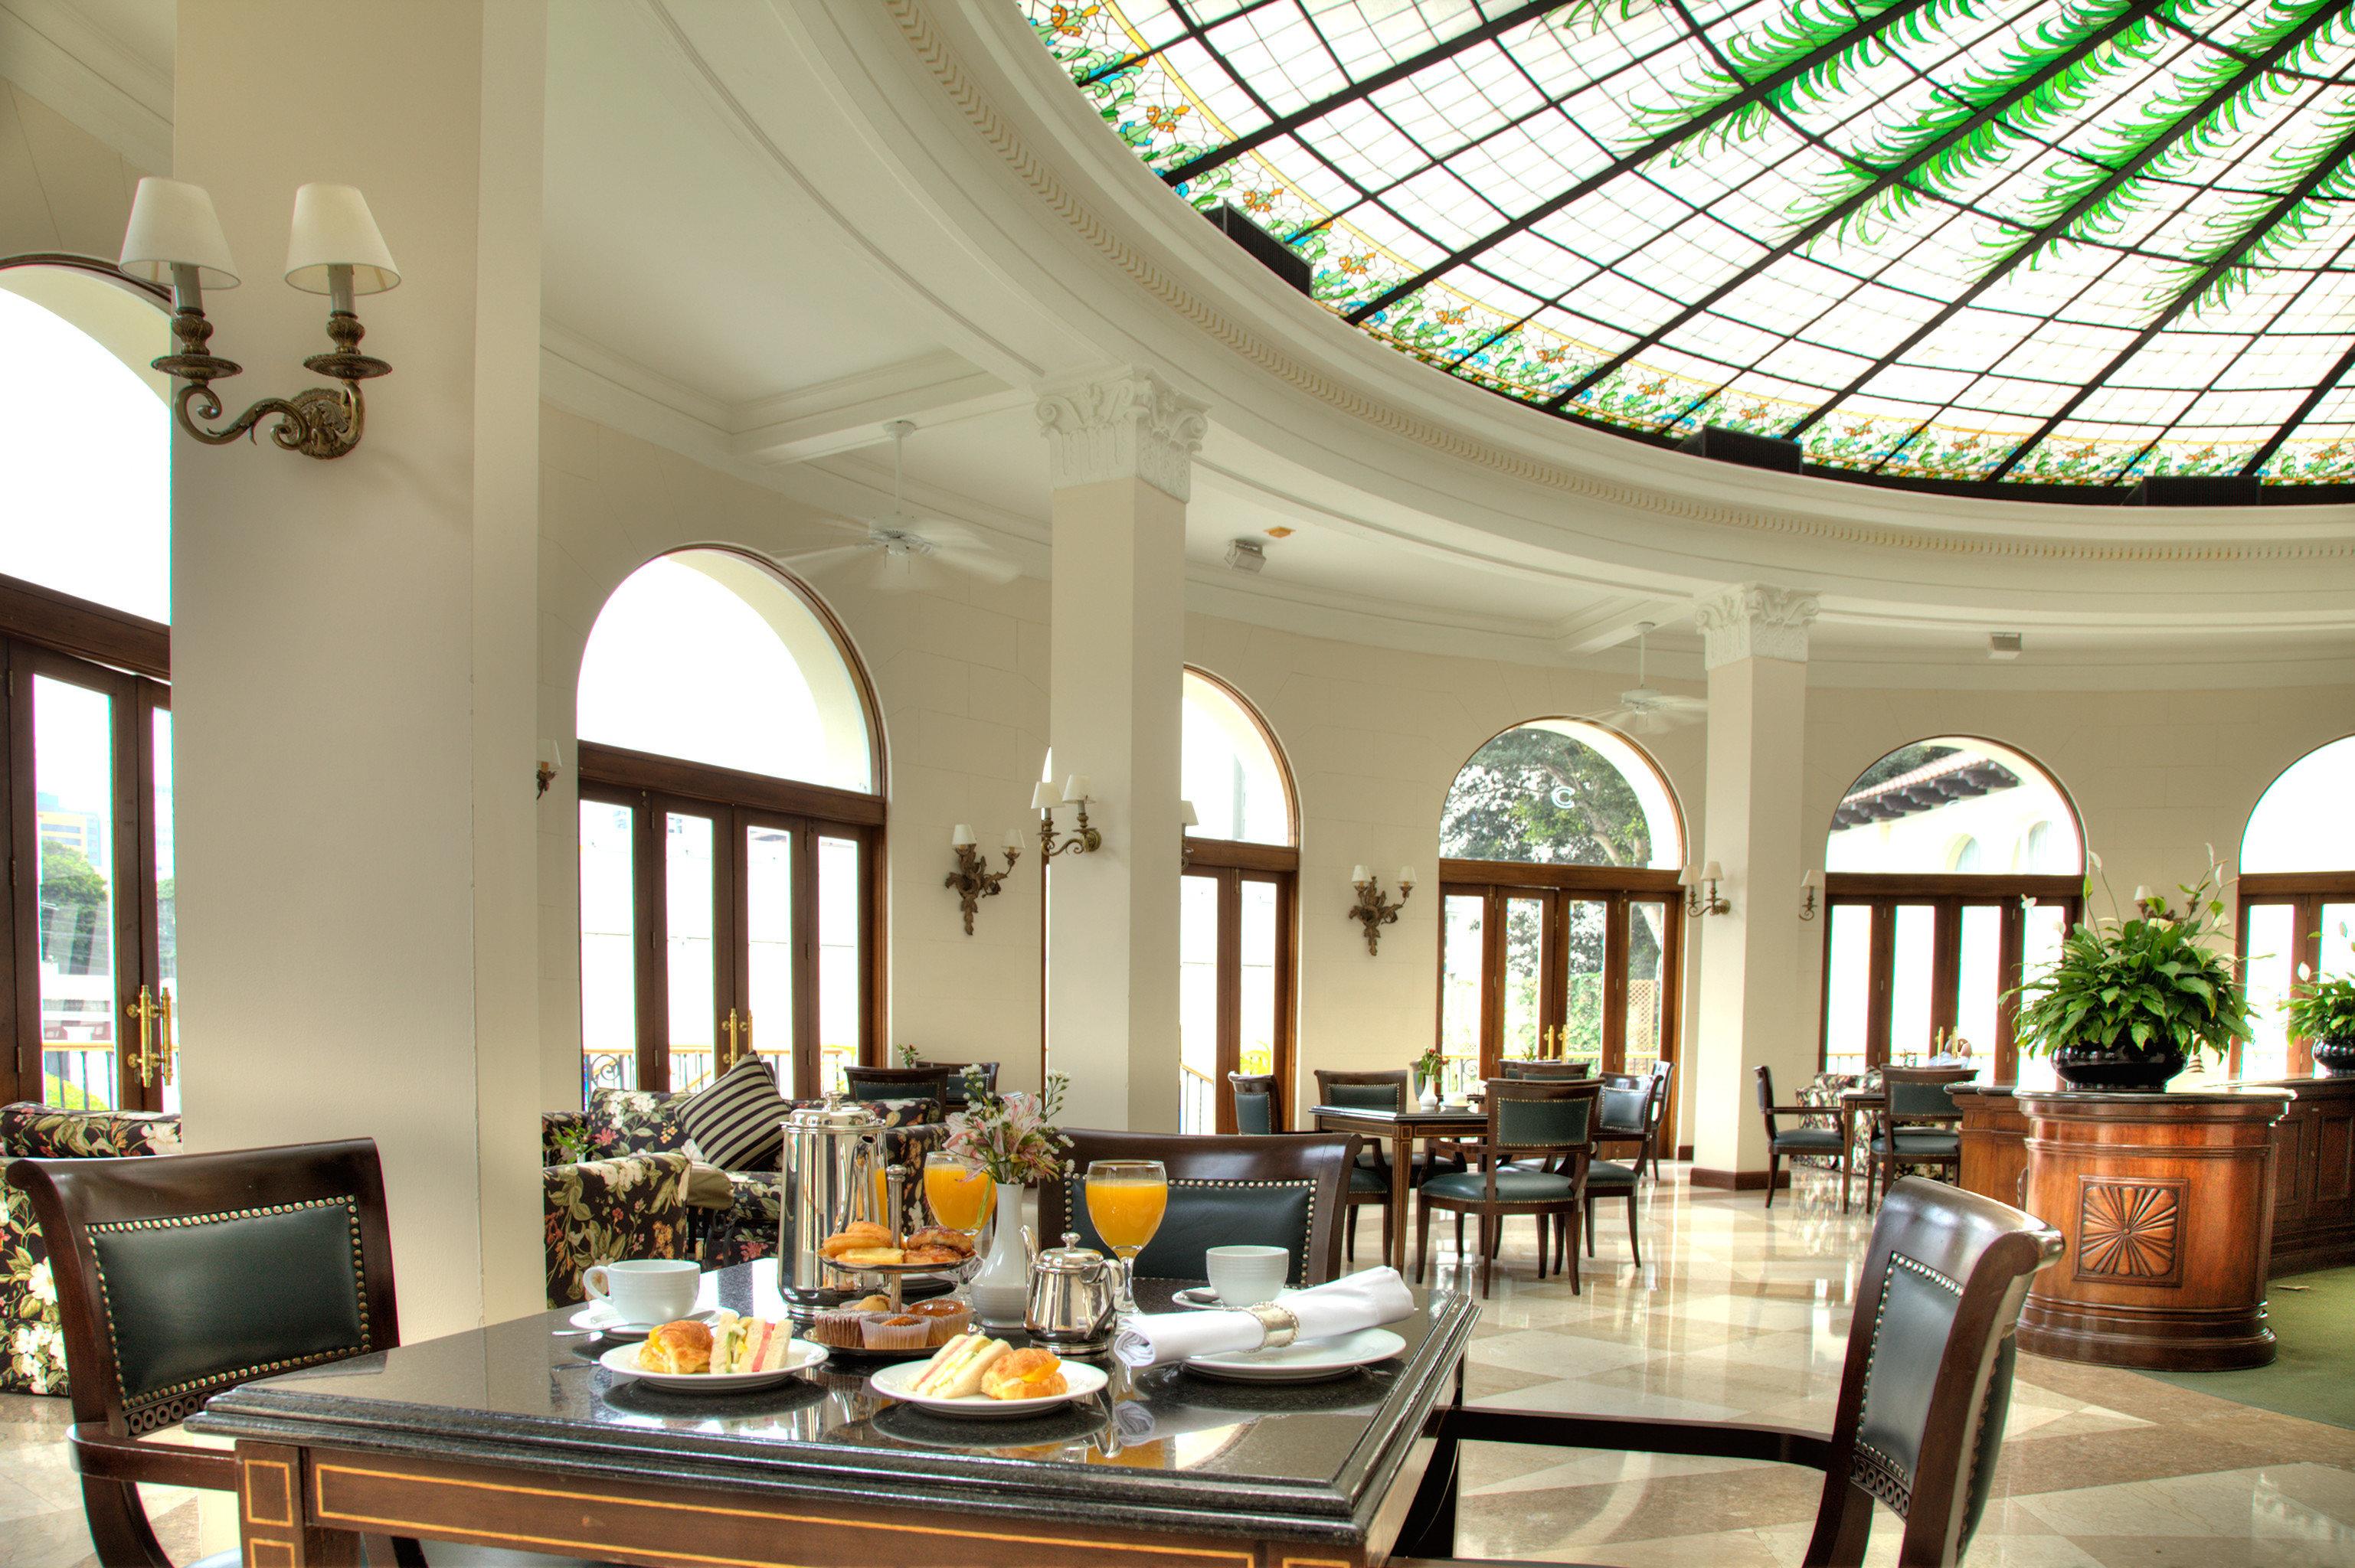 Dining Drink Eat Resort property living room Lobby home mansion condominium Villa